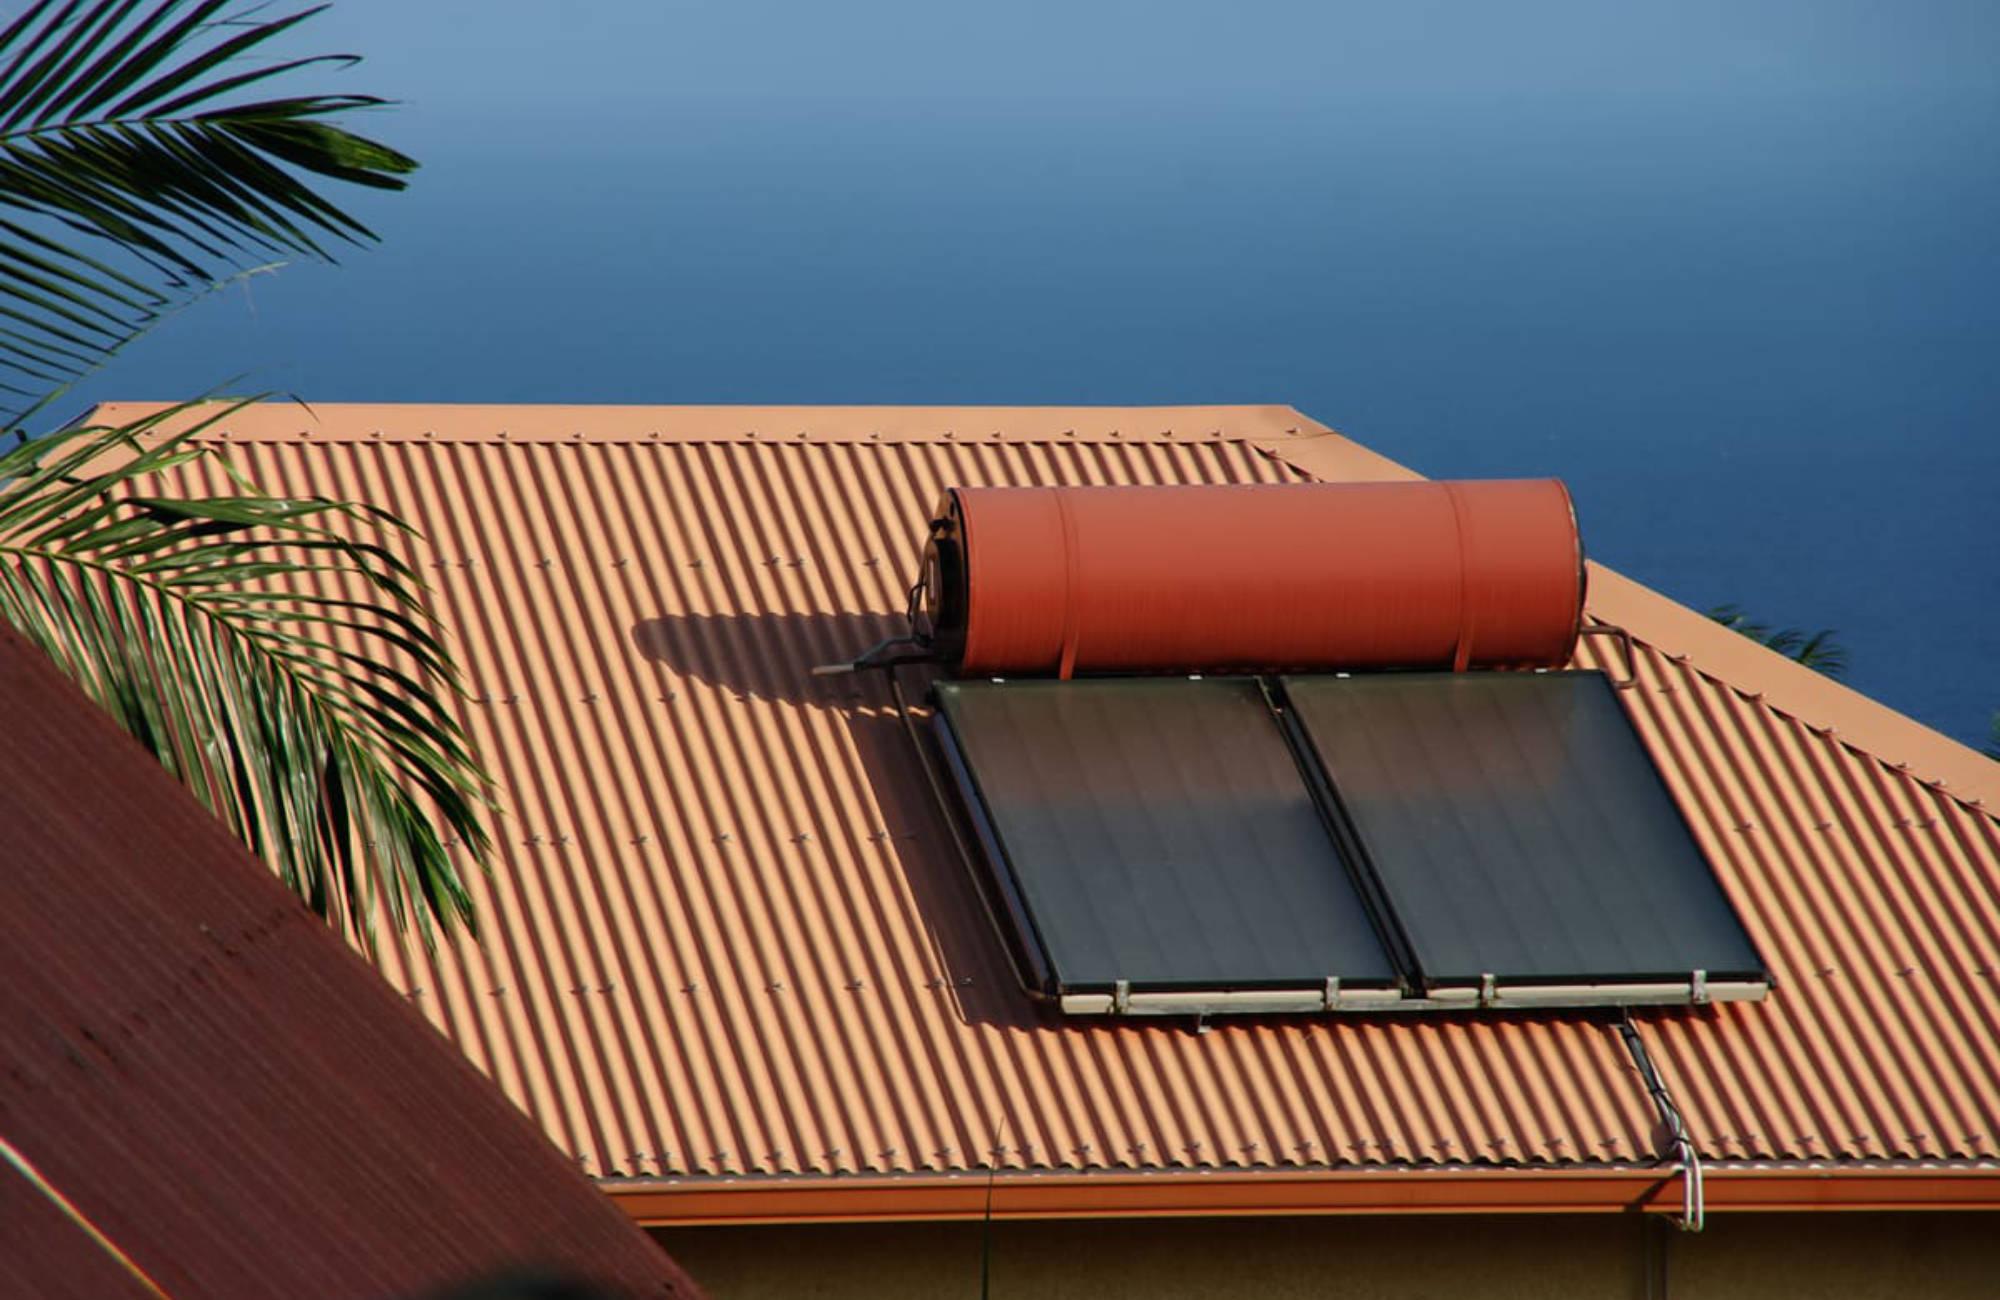 Dimensionner l'installation du chauffe-eau solaire